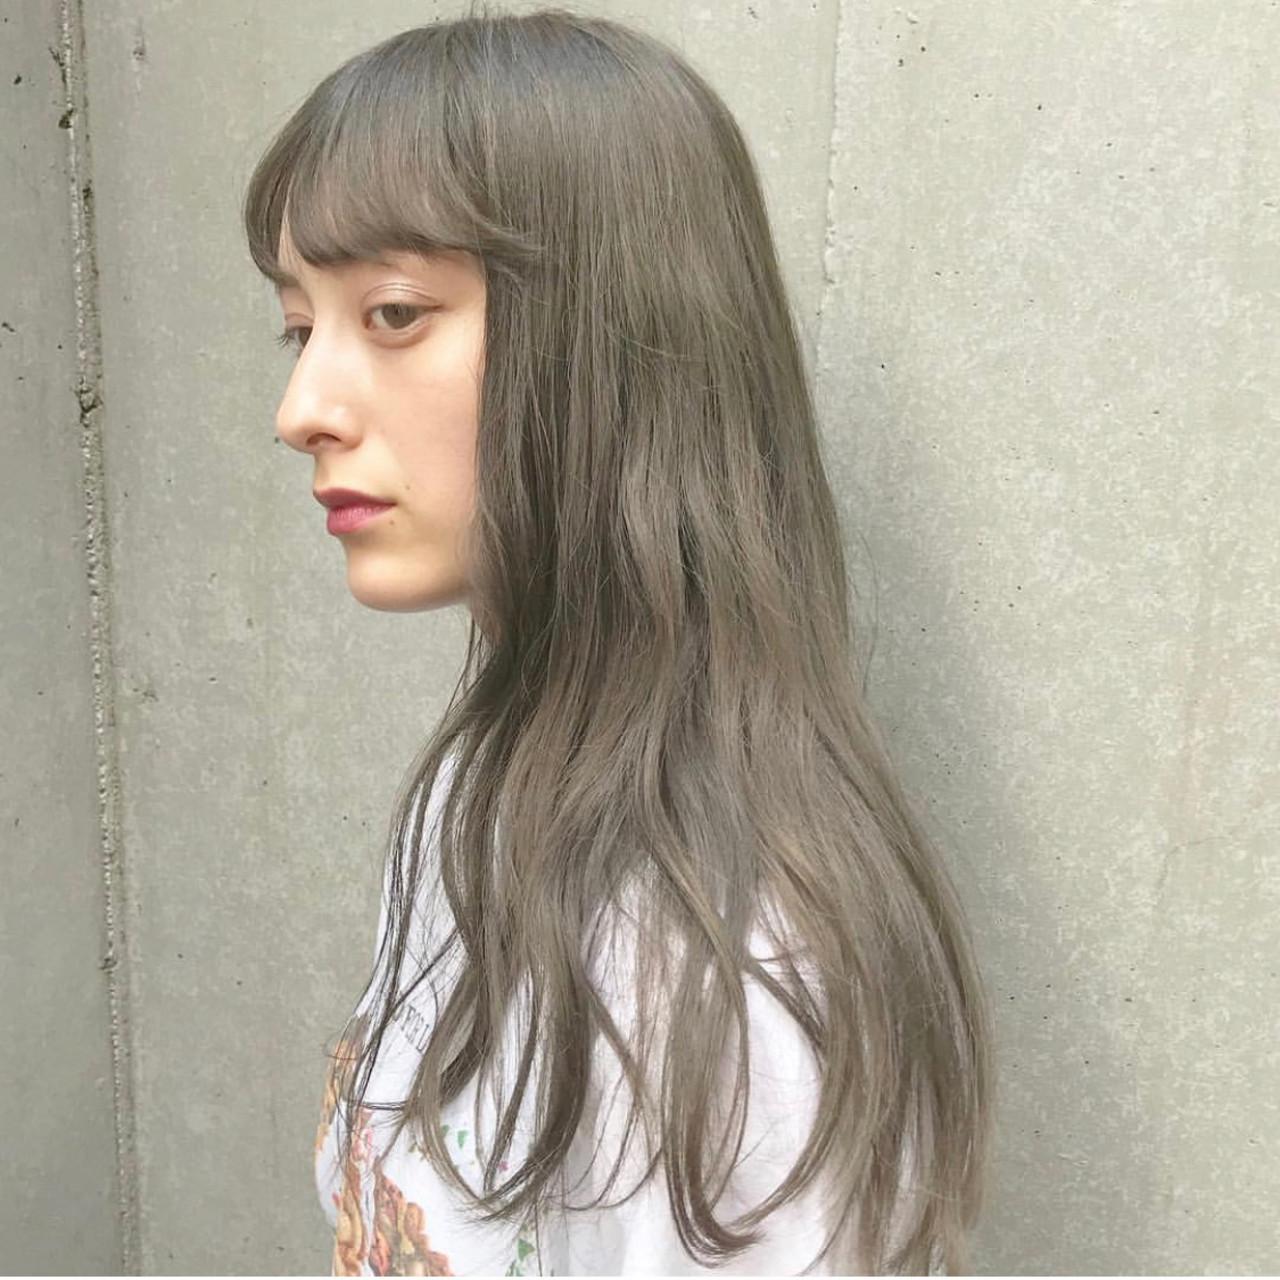 ミルクティーグレージュ ミルクティー ミルクティーアッシュ ミルクティーグレー ヘアスタイルや髪型の写真・画像   SHUN / Cocoon 銀座